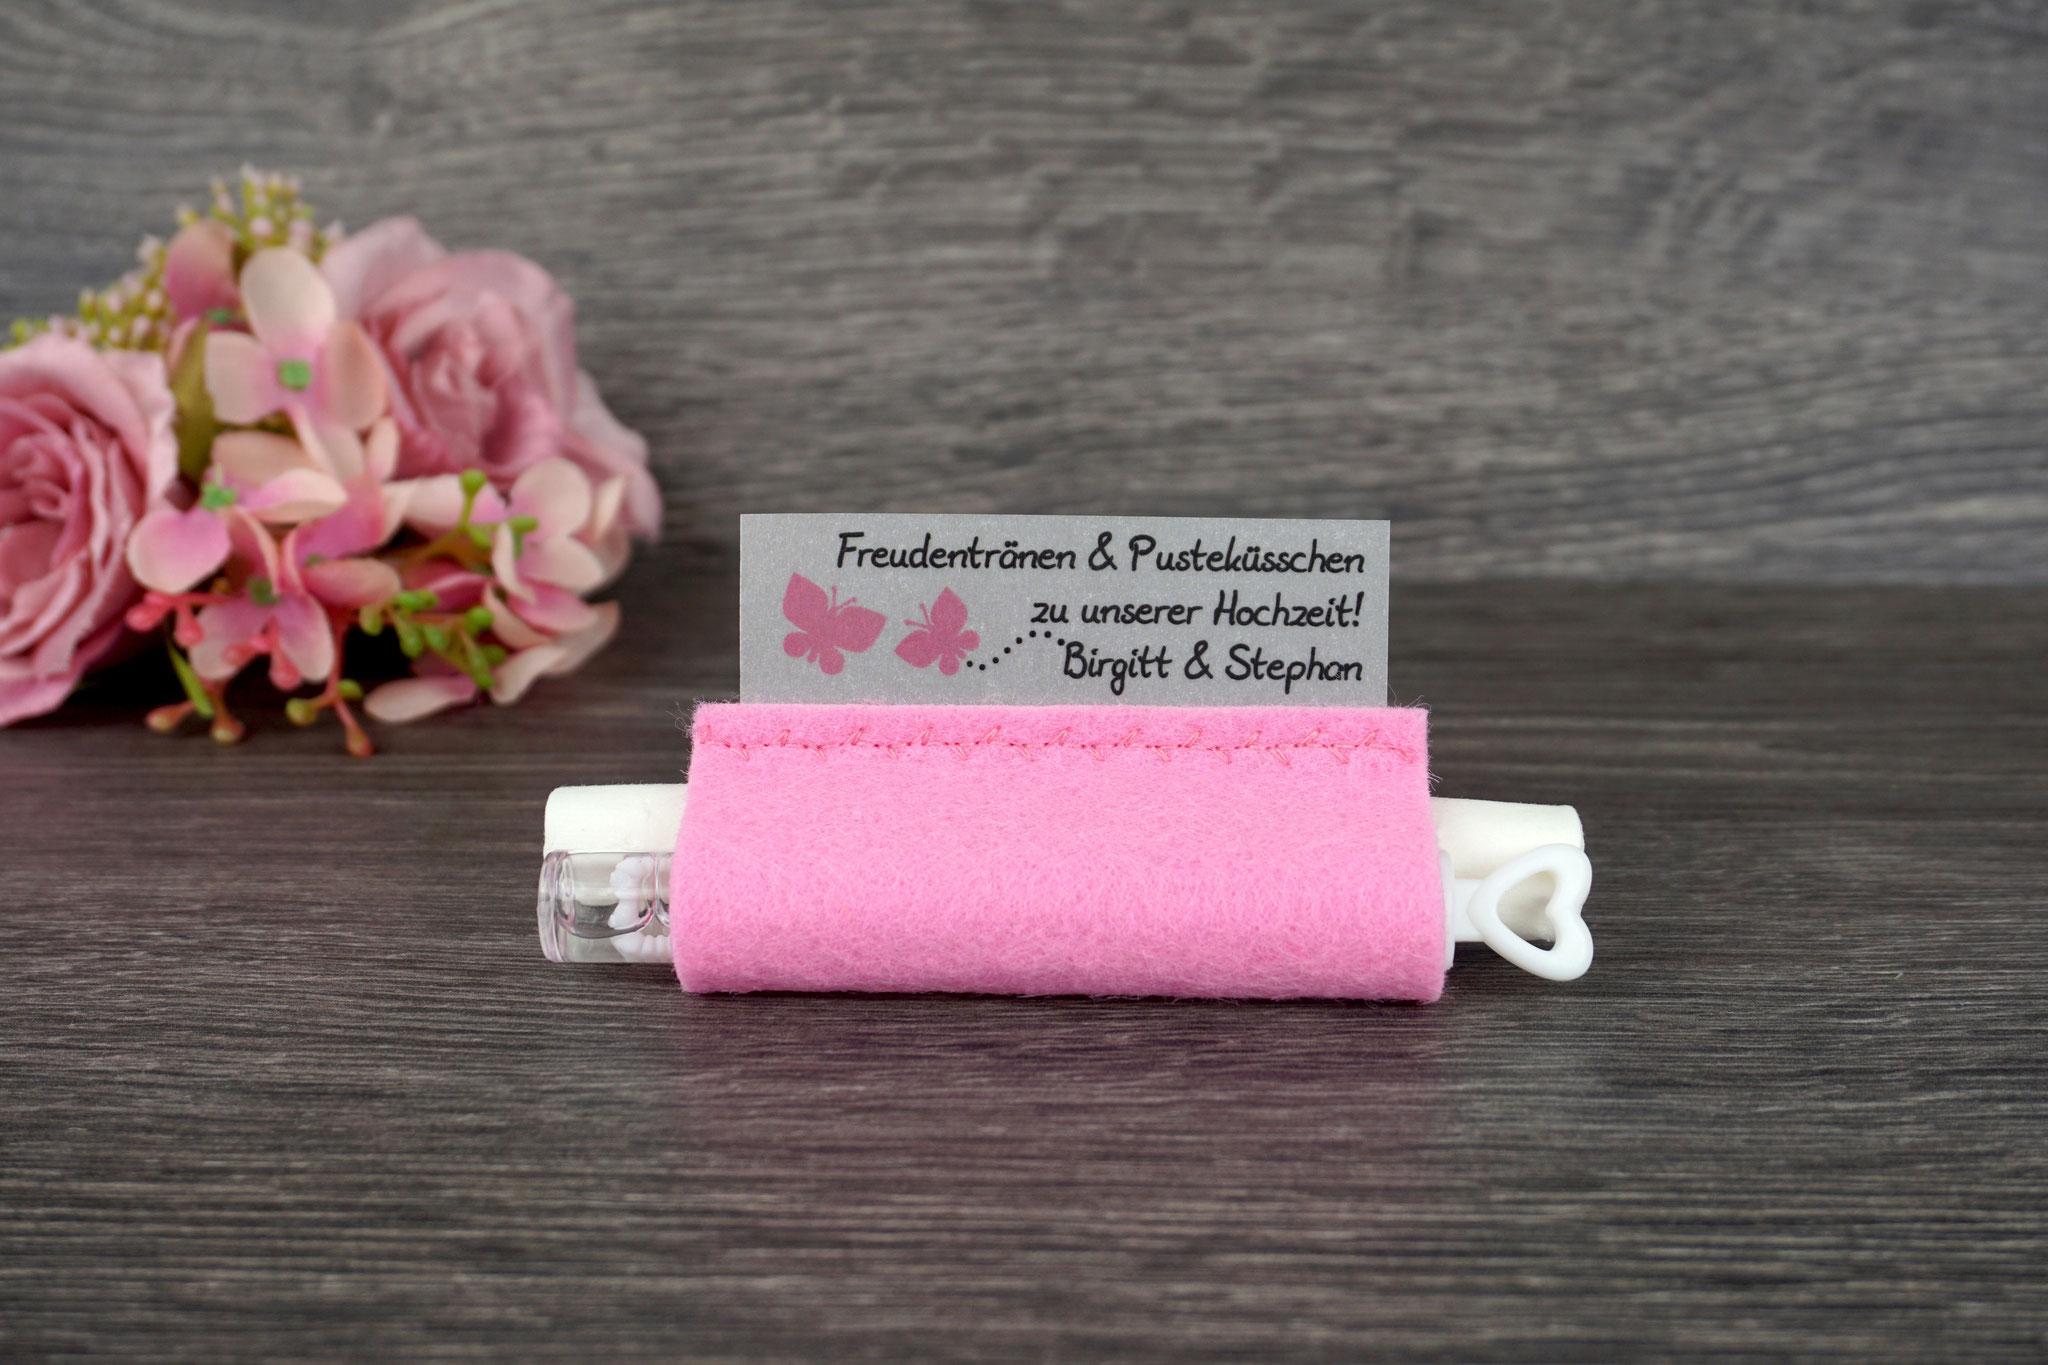 Freudentränen Taschentücher mit Weddingbubbles, Filz rosa, Design Schmetterlinge